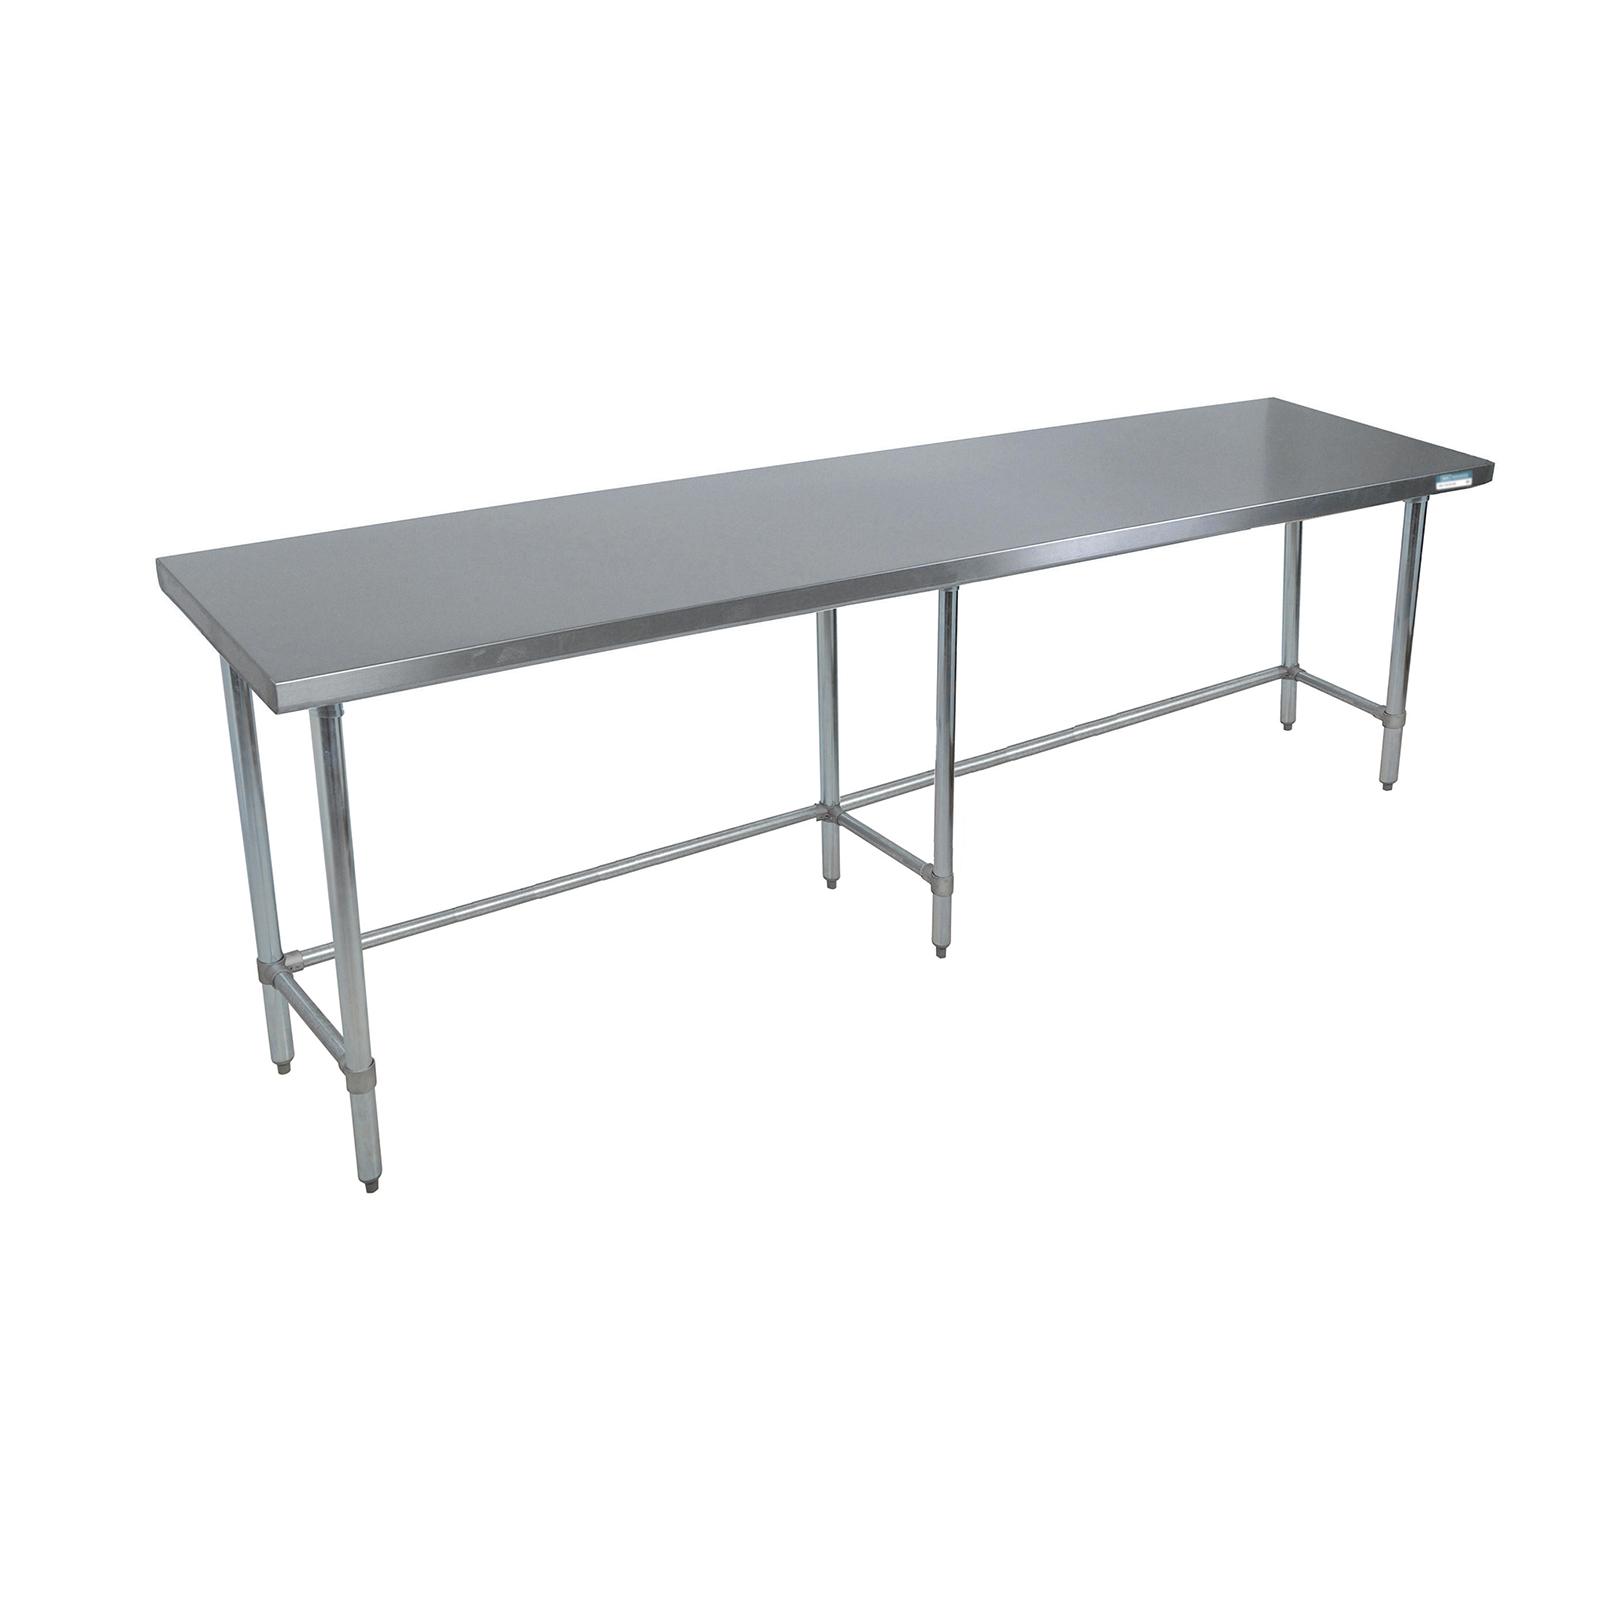 BK Resources VTTR5OB-8424 work table,  73